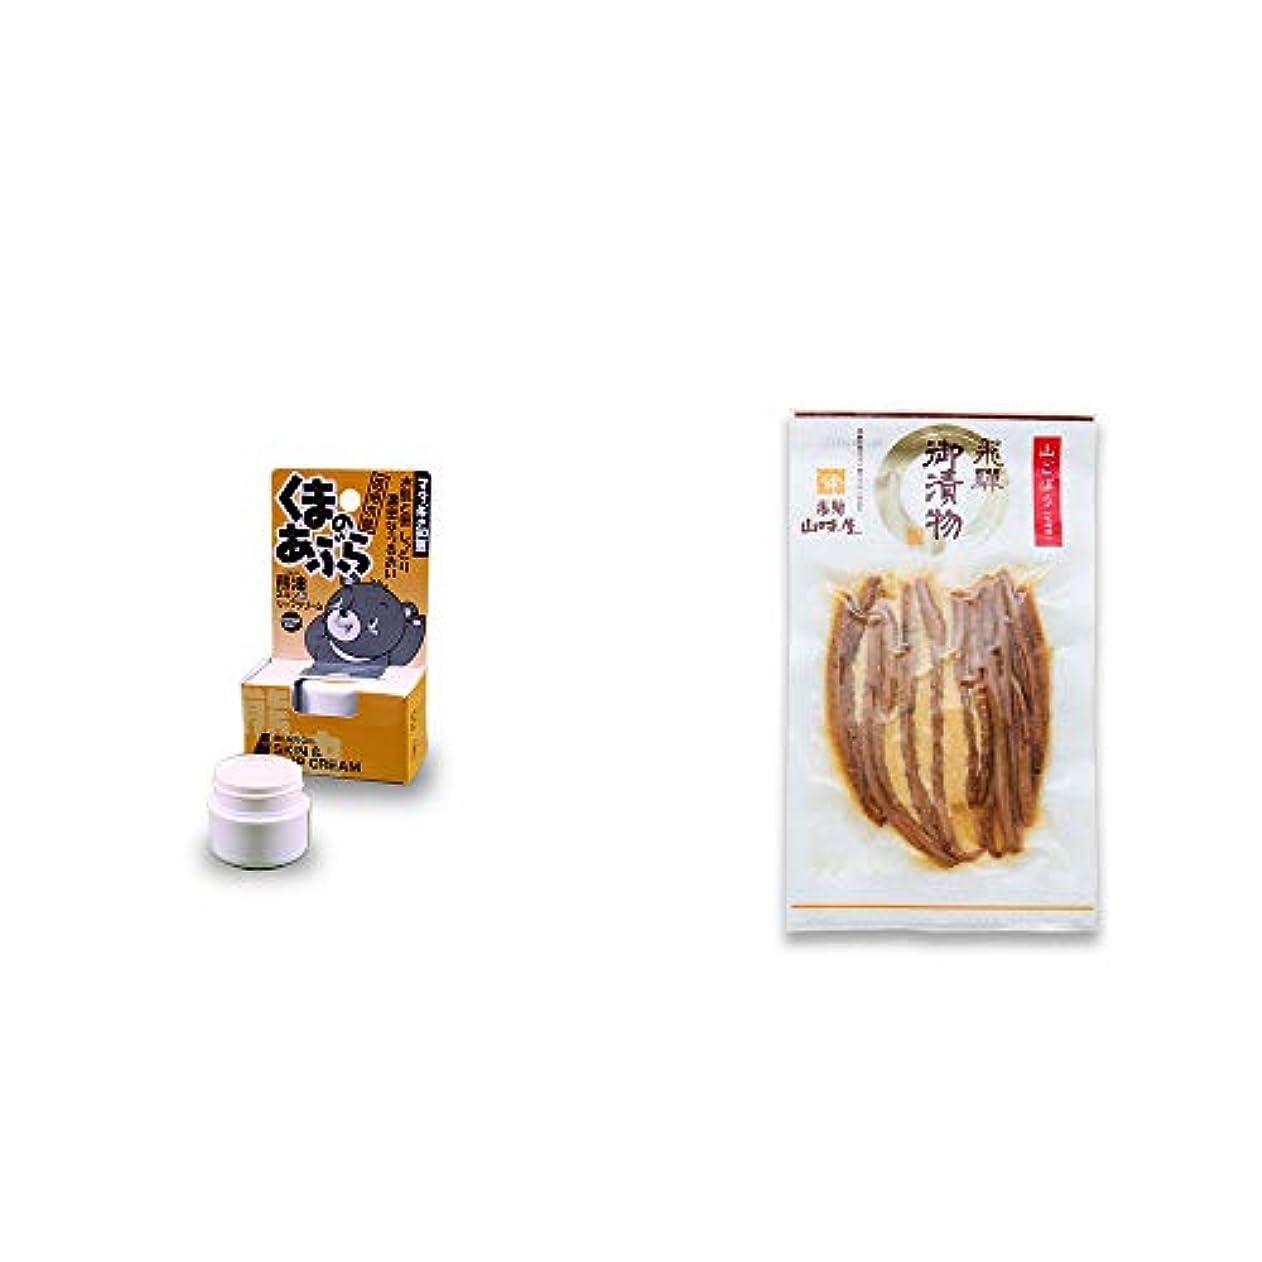 分割彼ながら[2点セット] 信州木曽 くまのあぶら 熊油スキン&リップクリーム(9g)?飛騨山味屋 山ごぼう味噌漬(80g)